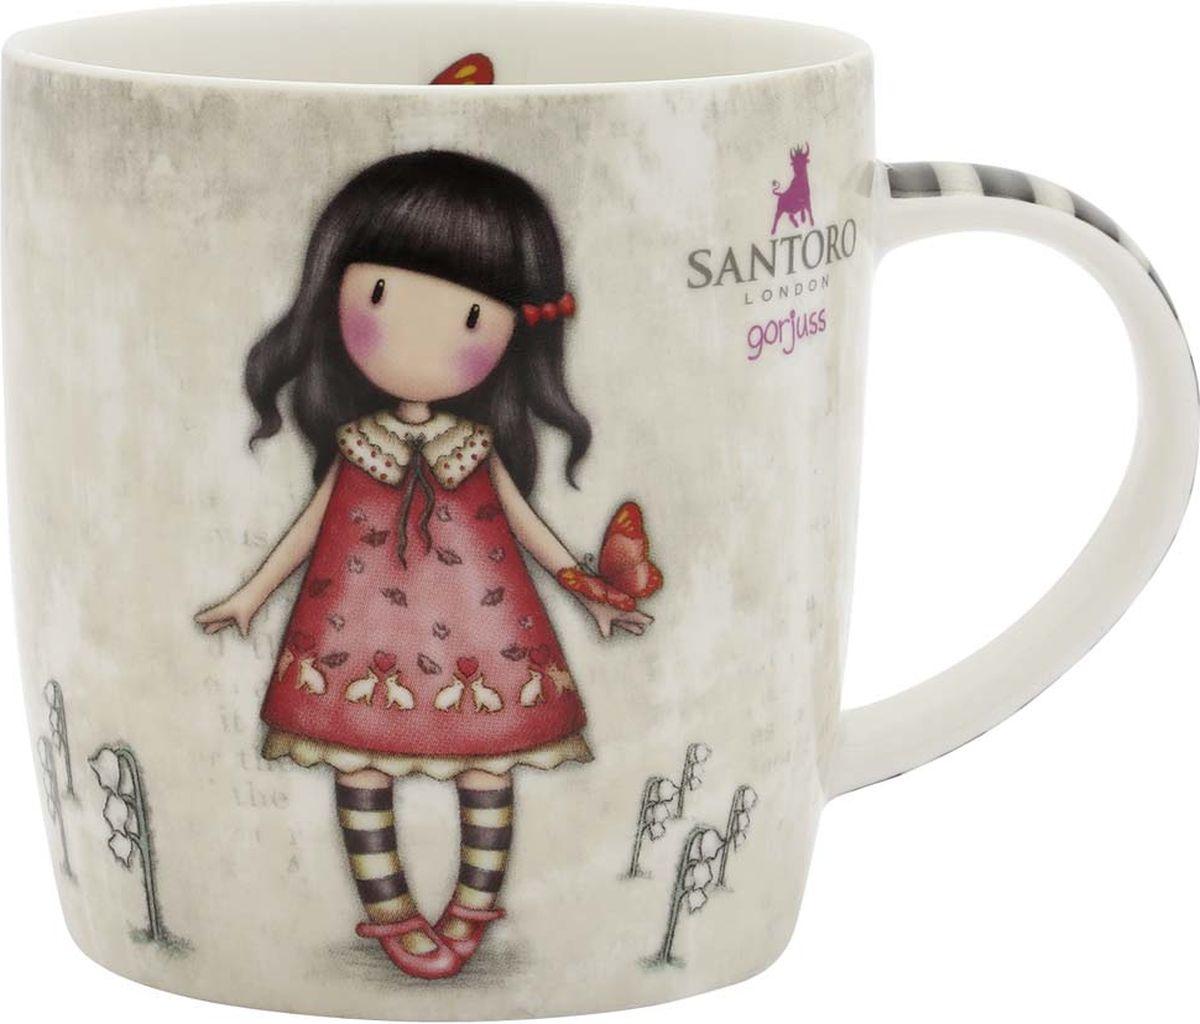 Кружка Santoro London Time to Fly, цвет: бежевый, розовый, 330 мл320GJ17Сказочная кружка Santoro London из костяного фарфора в подарочной упаковке. Настало время настоящего английского чаепития с Gorjuss! Оригинальная кружка для девочек — подарок в британском стиле для любительниц чая, какао и горячего шоколада. Подходит для использования в посудомоечной машине и микроволновке.